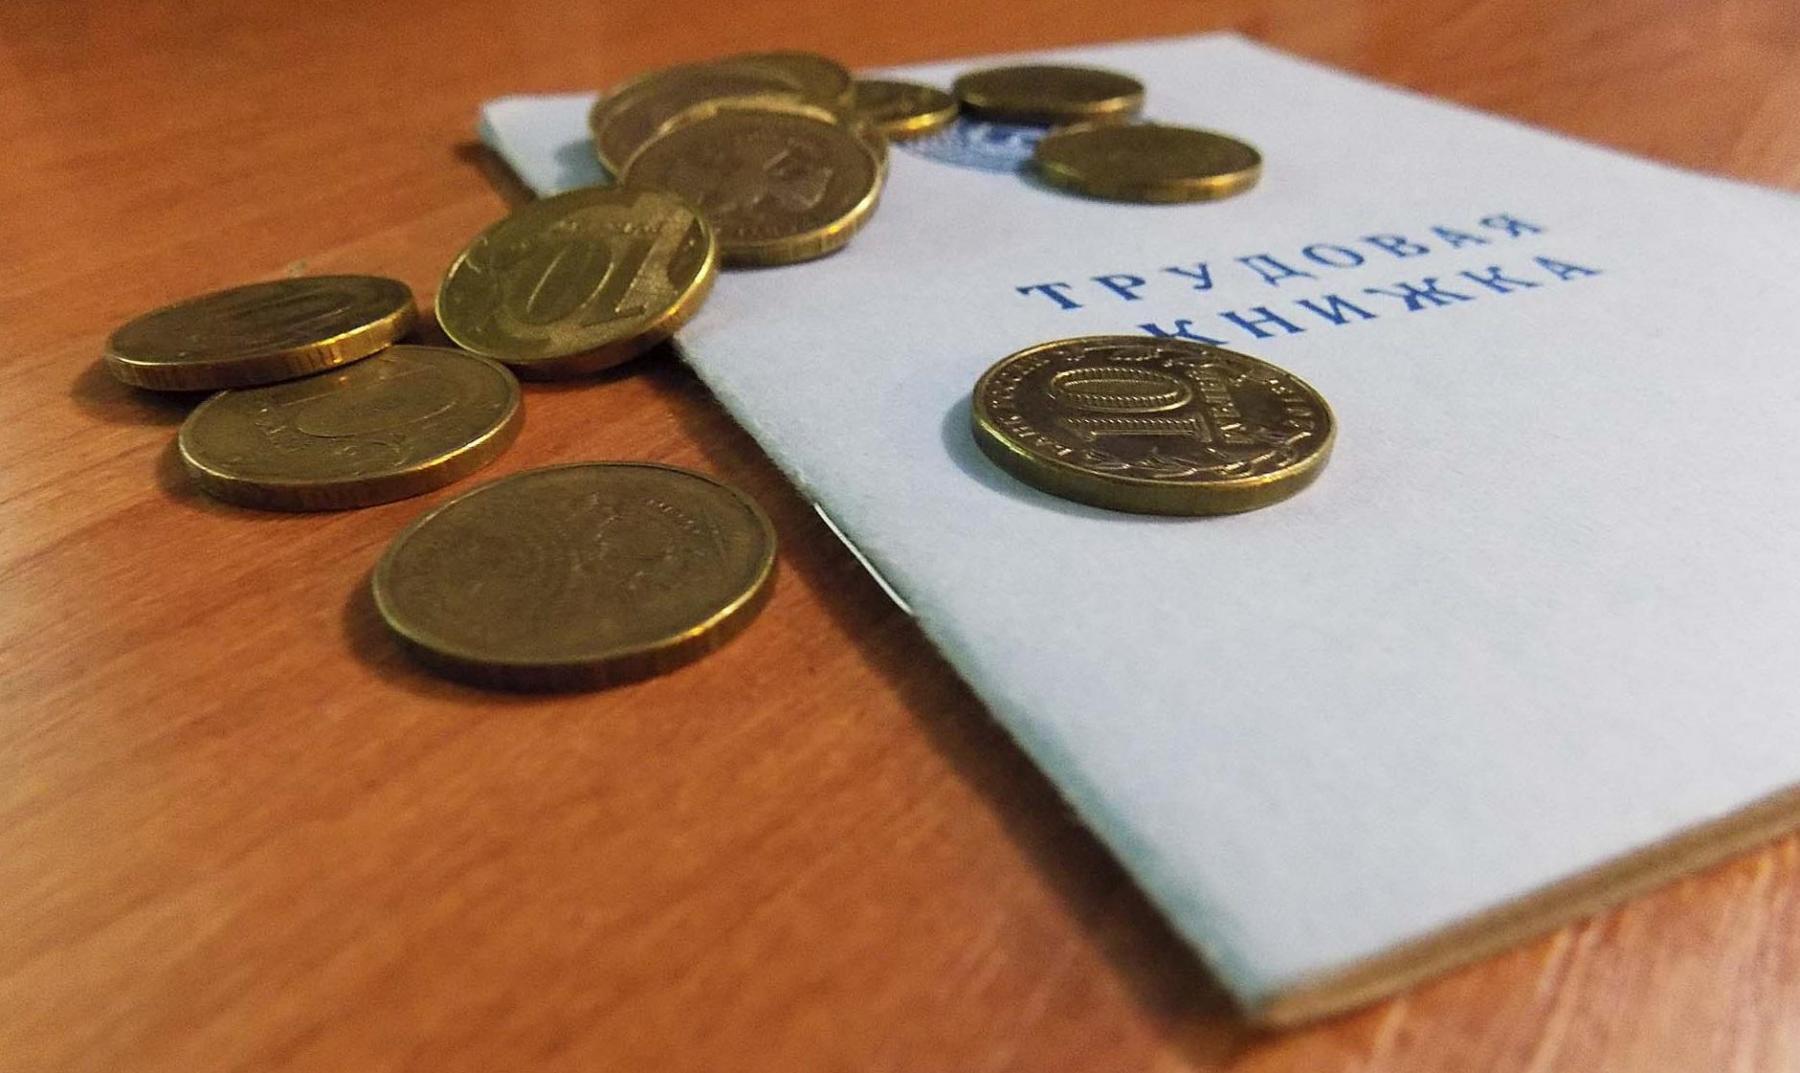 фото Возвращение прежнего пенсионного возраста, пустырь стоимостью 228 млн рублей и выдвижение в Госдуму из СИЗО: главные новости 8 апреля 2021 года – в одном материале 3